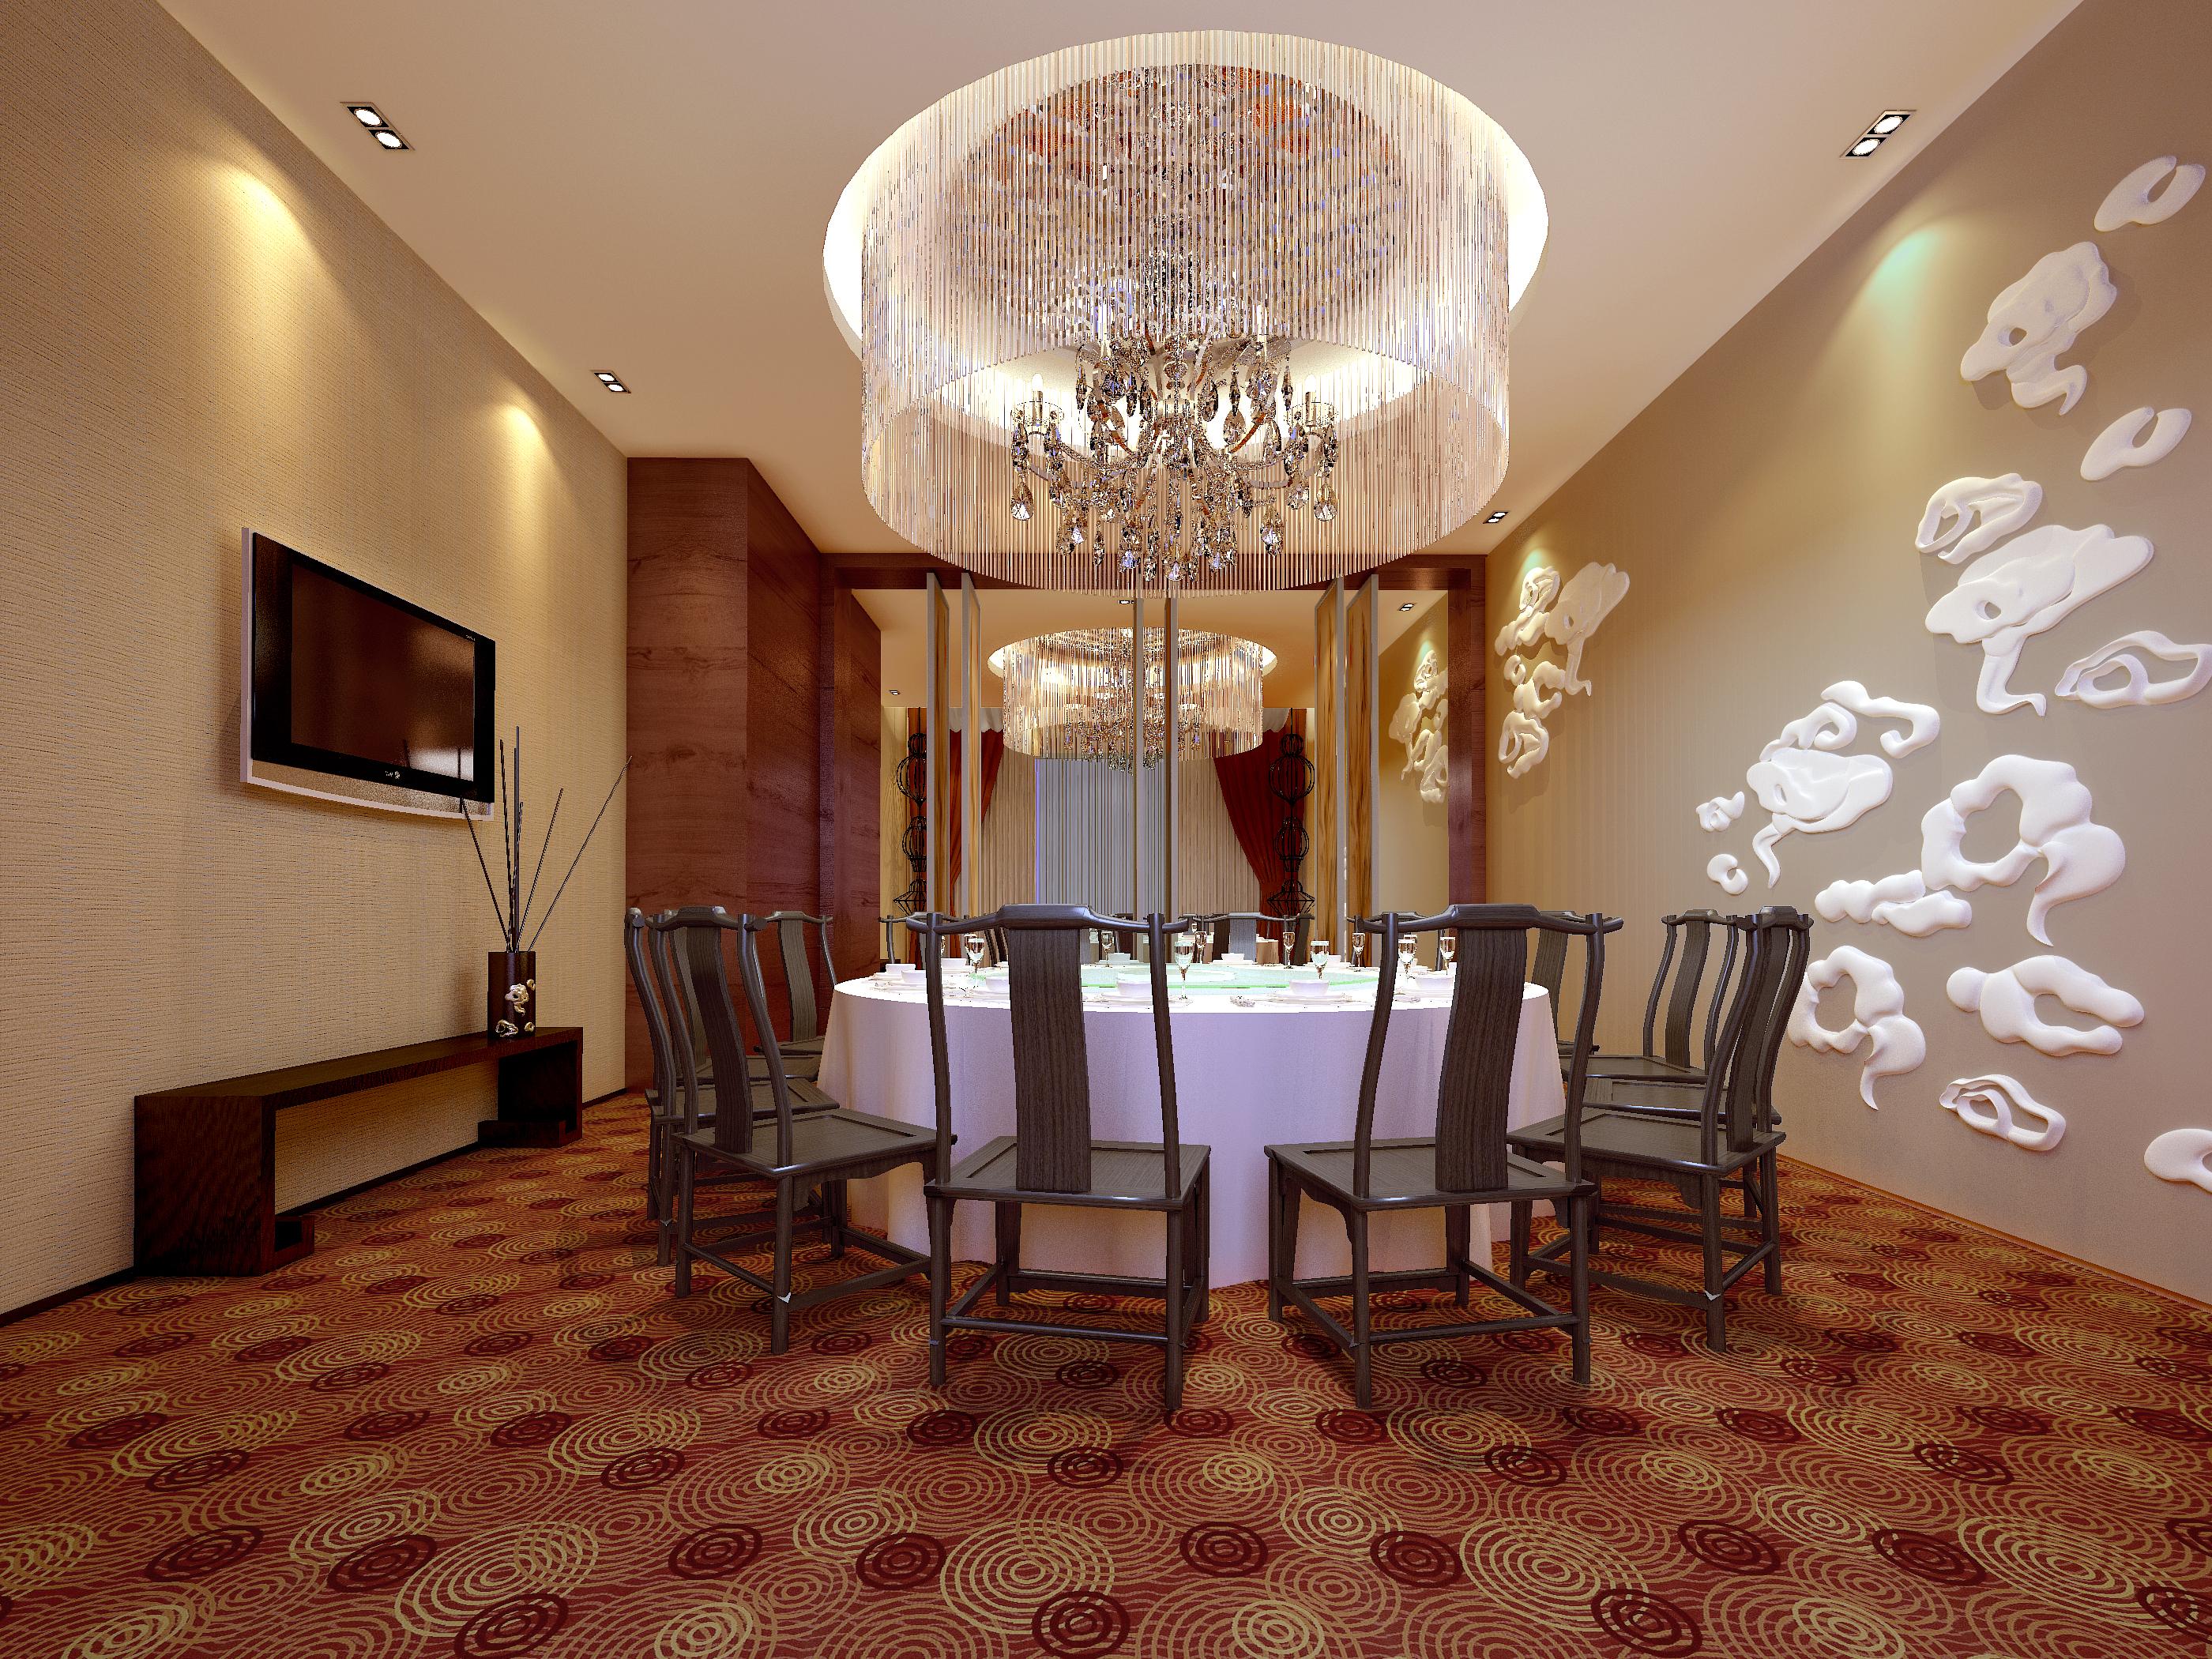 restaurant 150 3d model max 137899